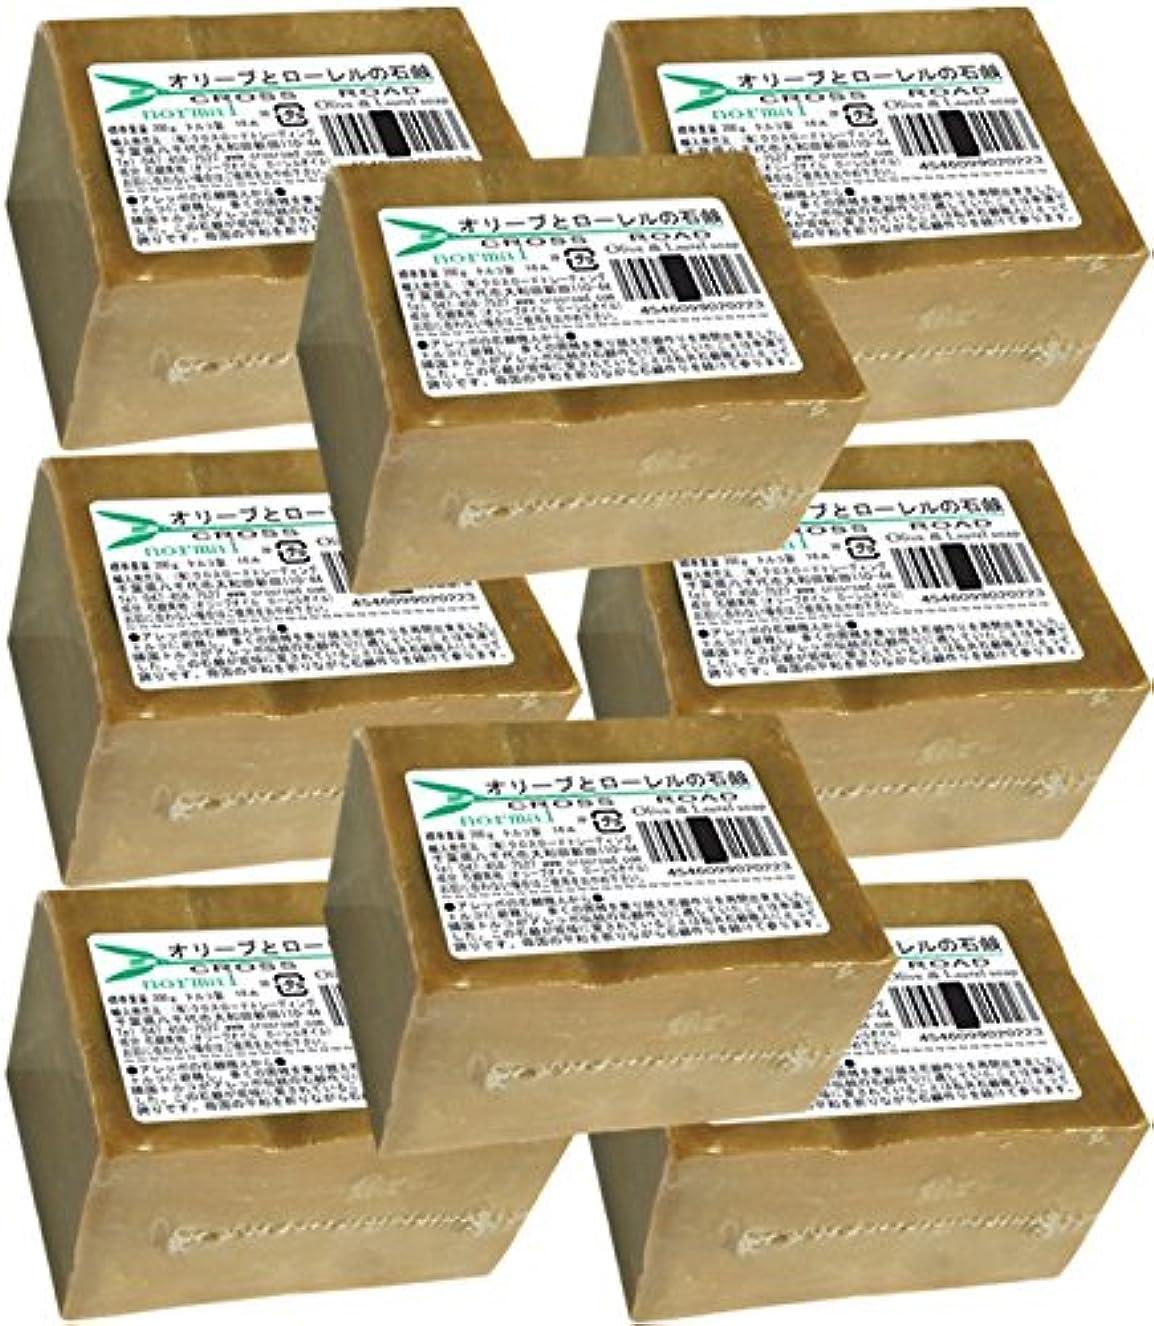 バックアップタイマー曖昧なオリーブとローレルの石鹸(ノーマル)8個セット[並行輸入品]